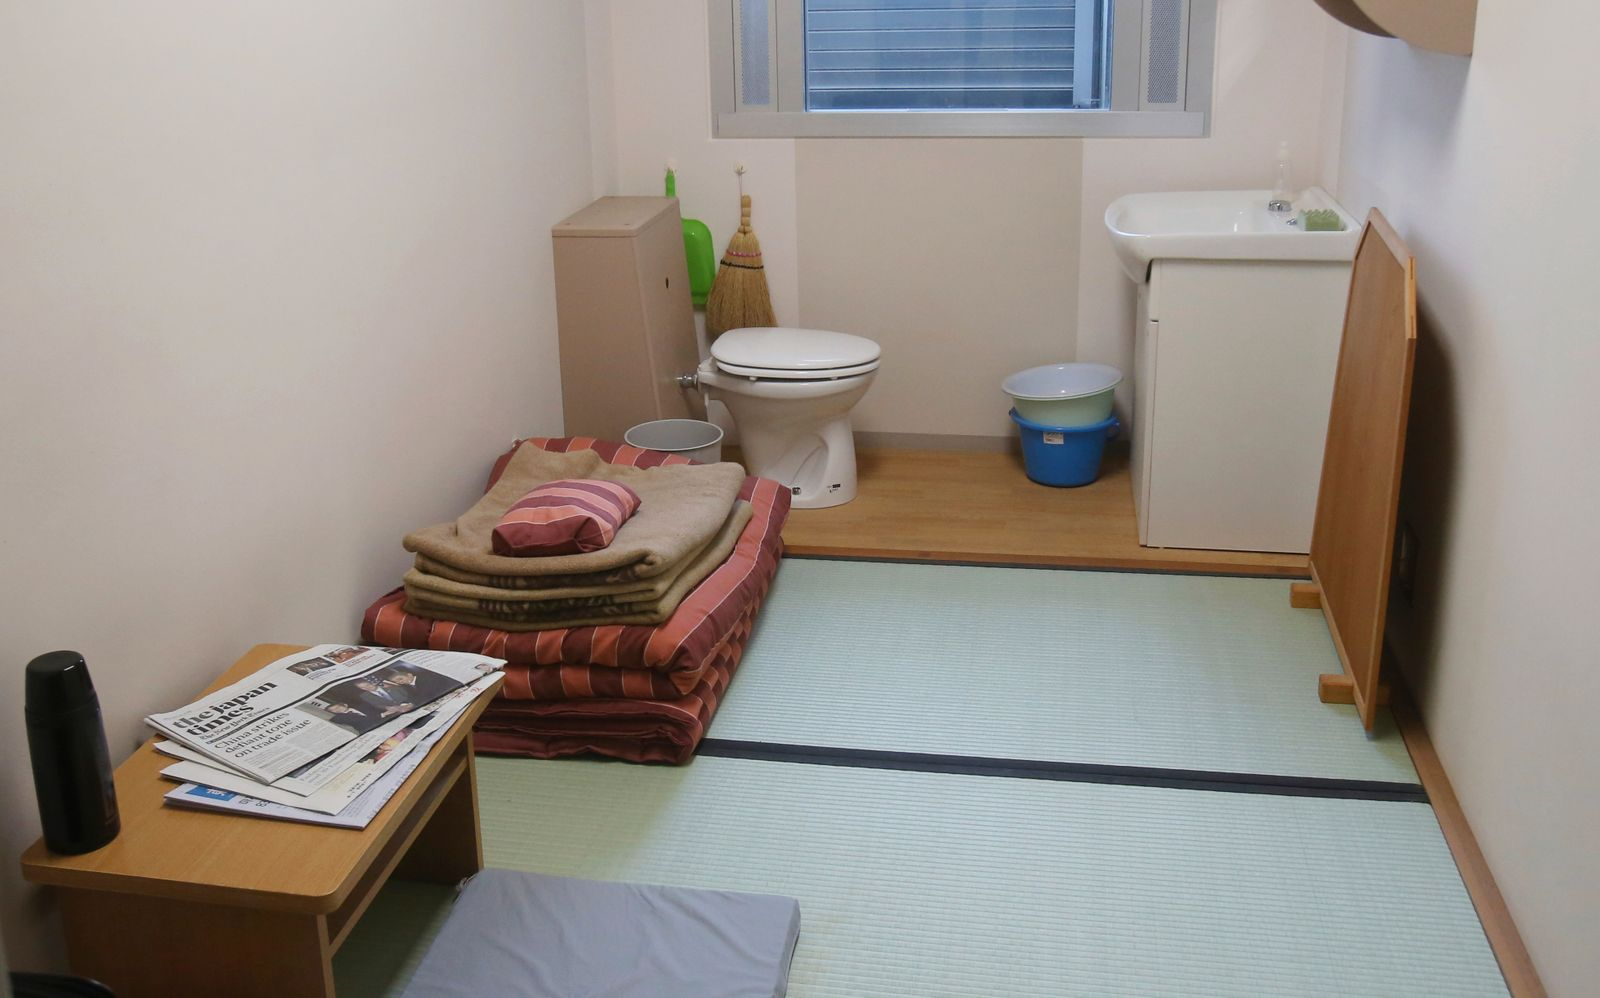 Japan Detention Center